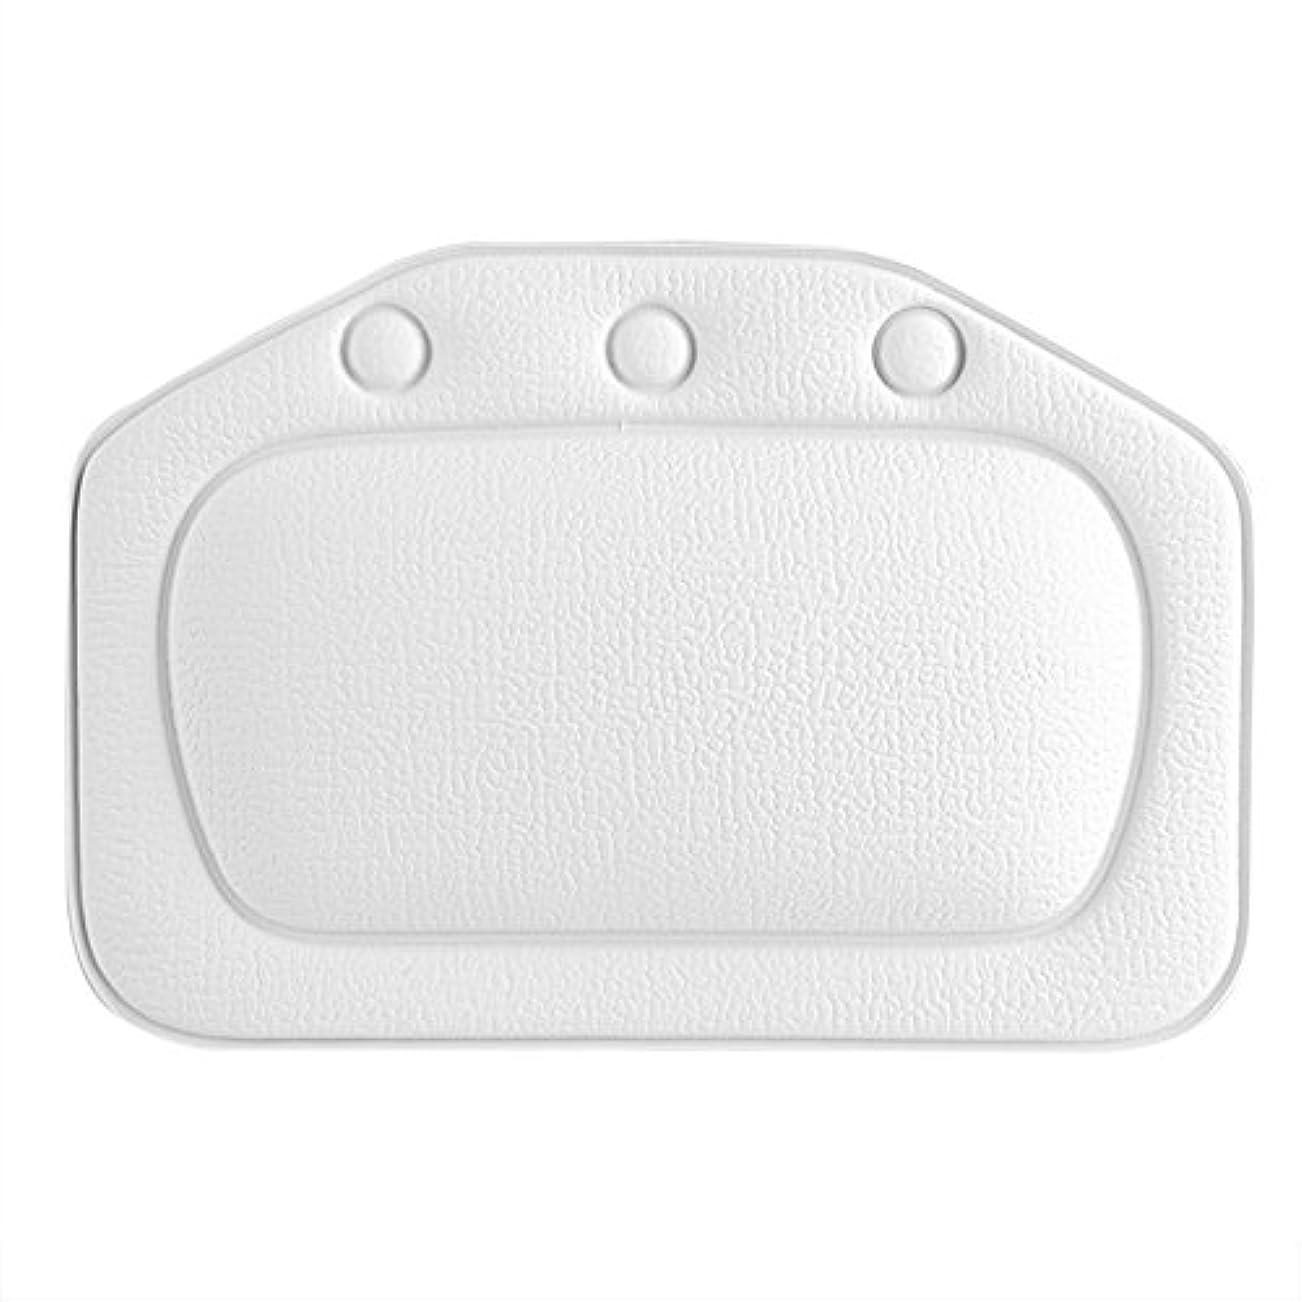 アベニュー暗くする以下スパバスピロー、ソフトフォームパッド付き人間工学に基づいたバスタブクッションピロー浴槽ヘッドレストヘッドネックバッククッションピロー(白)